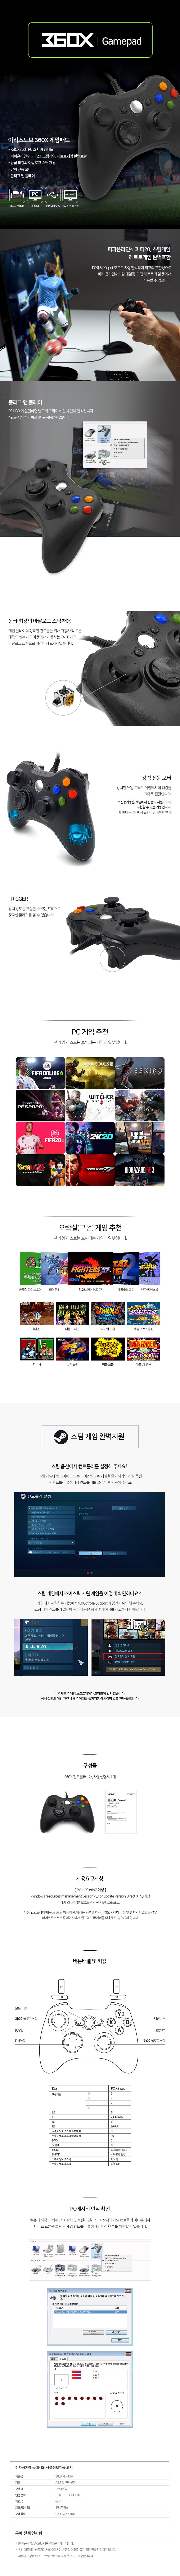 아리스노보 360X PC 유선 컨트롤러 게임패드 - 아리스노보, 22,500원, 게임기, 게임기 액세서리